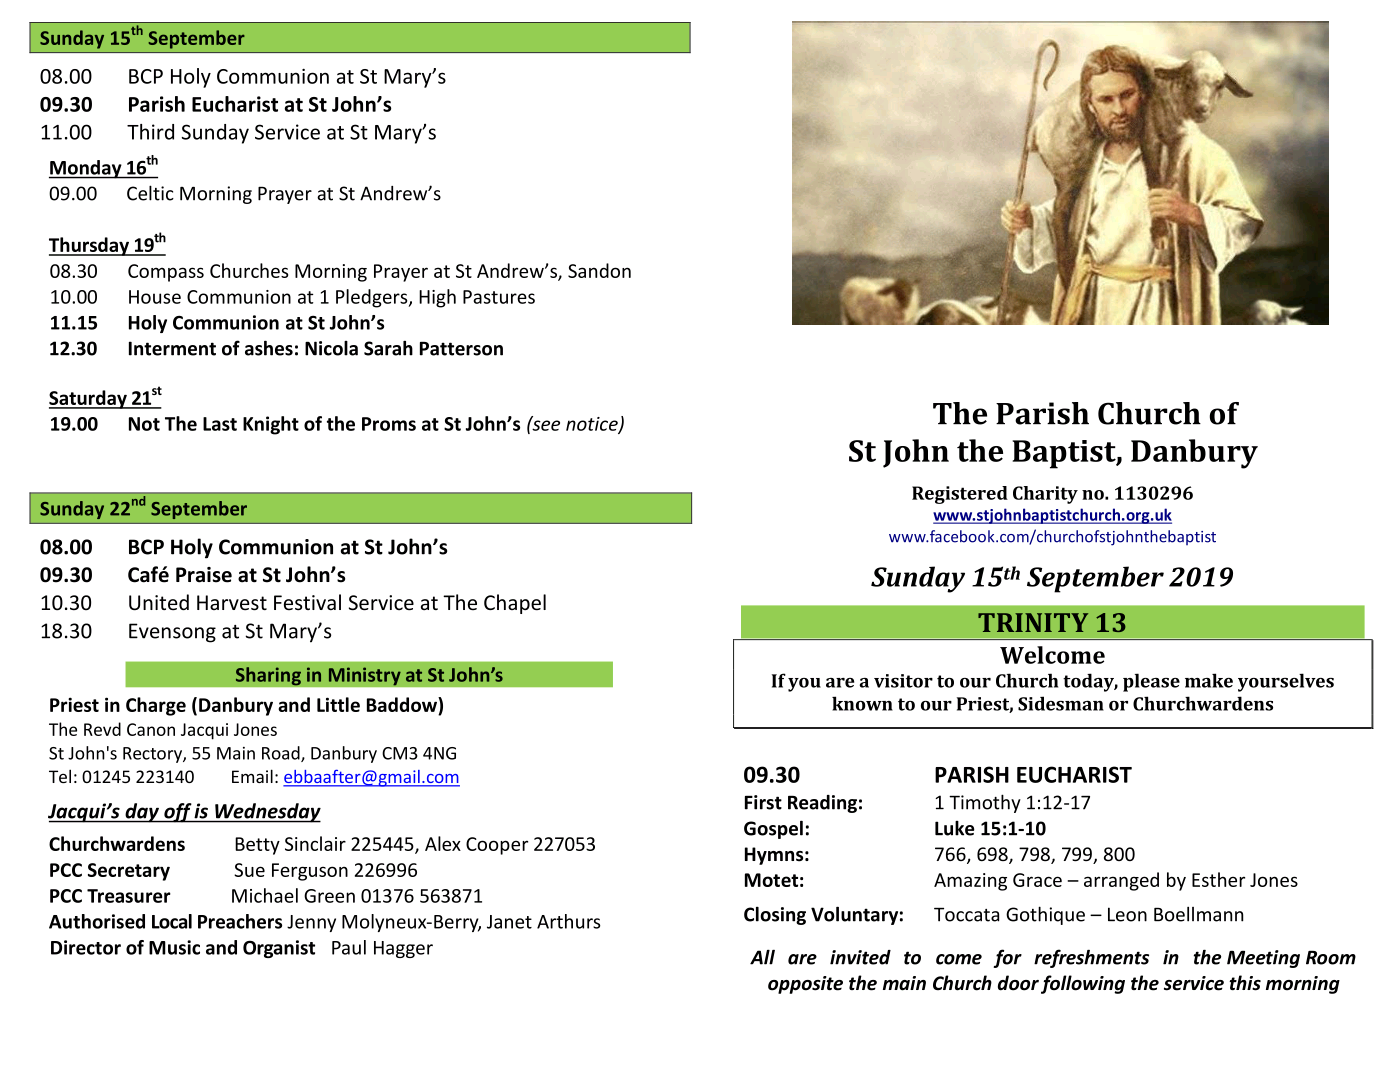 Pew leaflet 15th September 2019_1.PNG